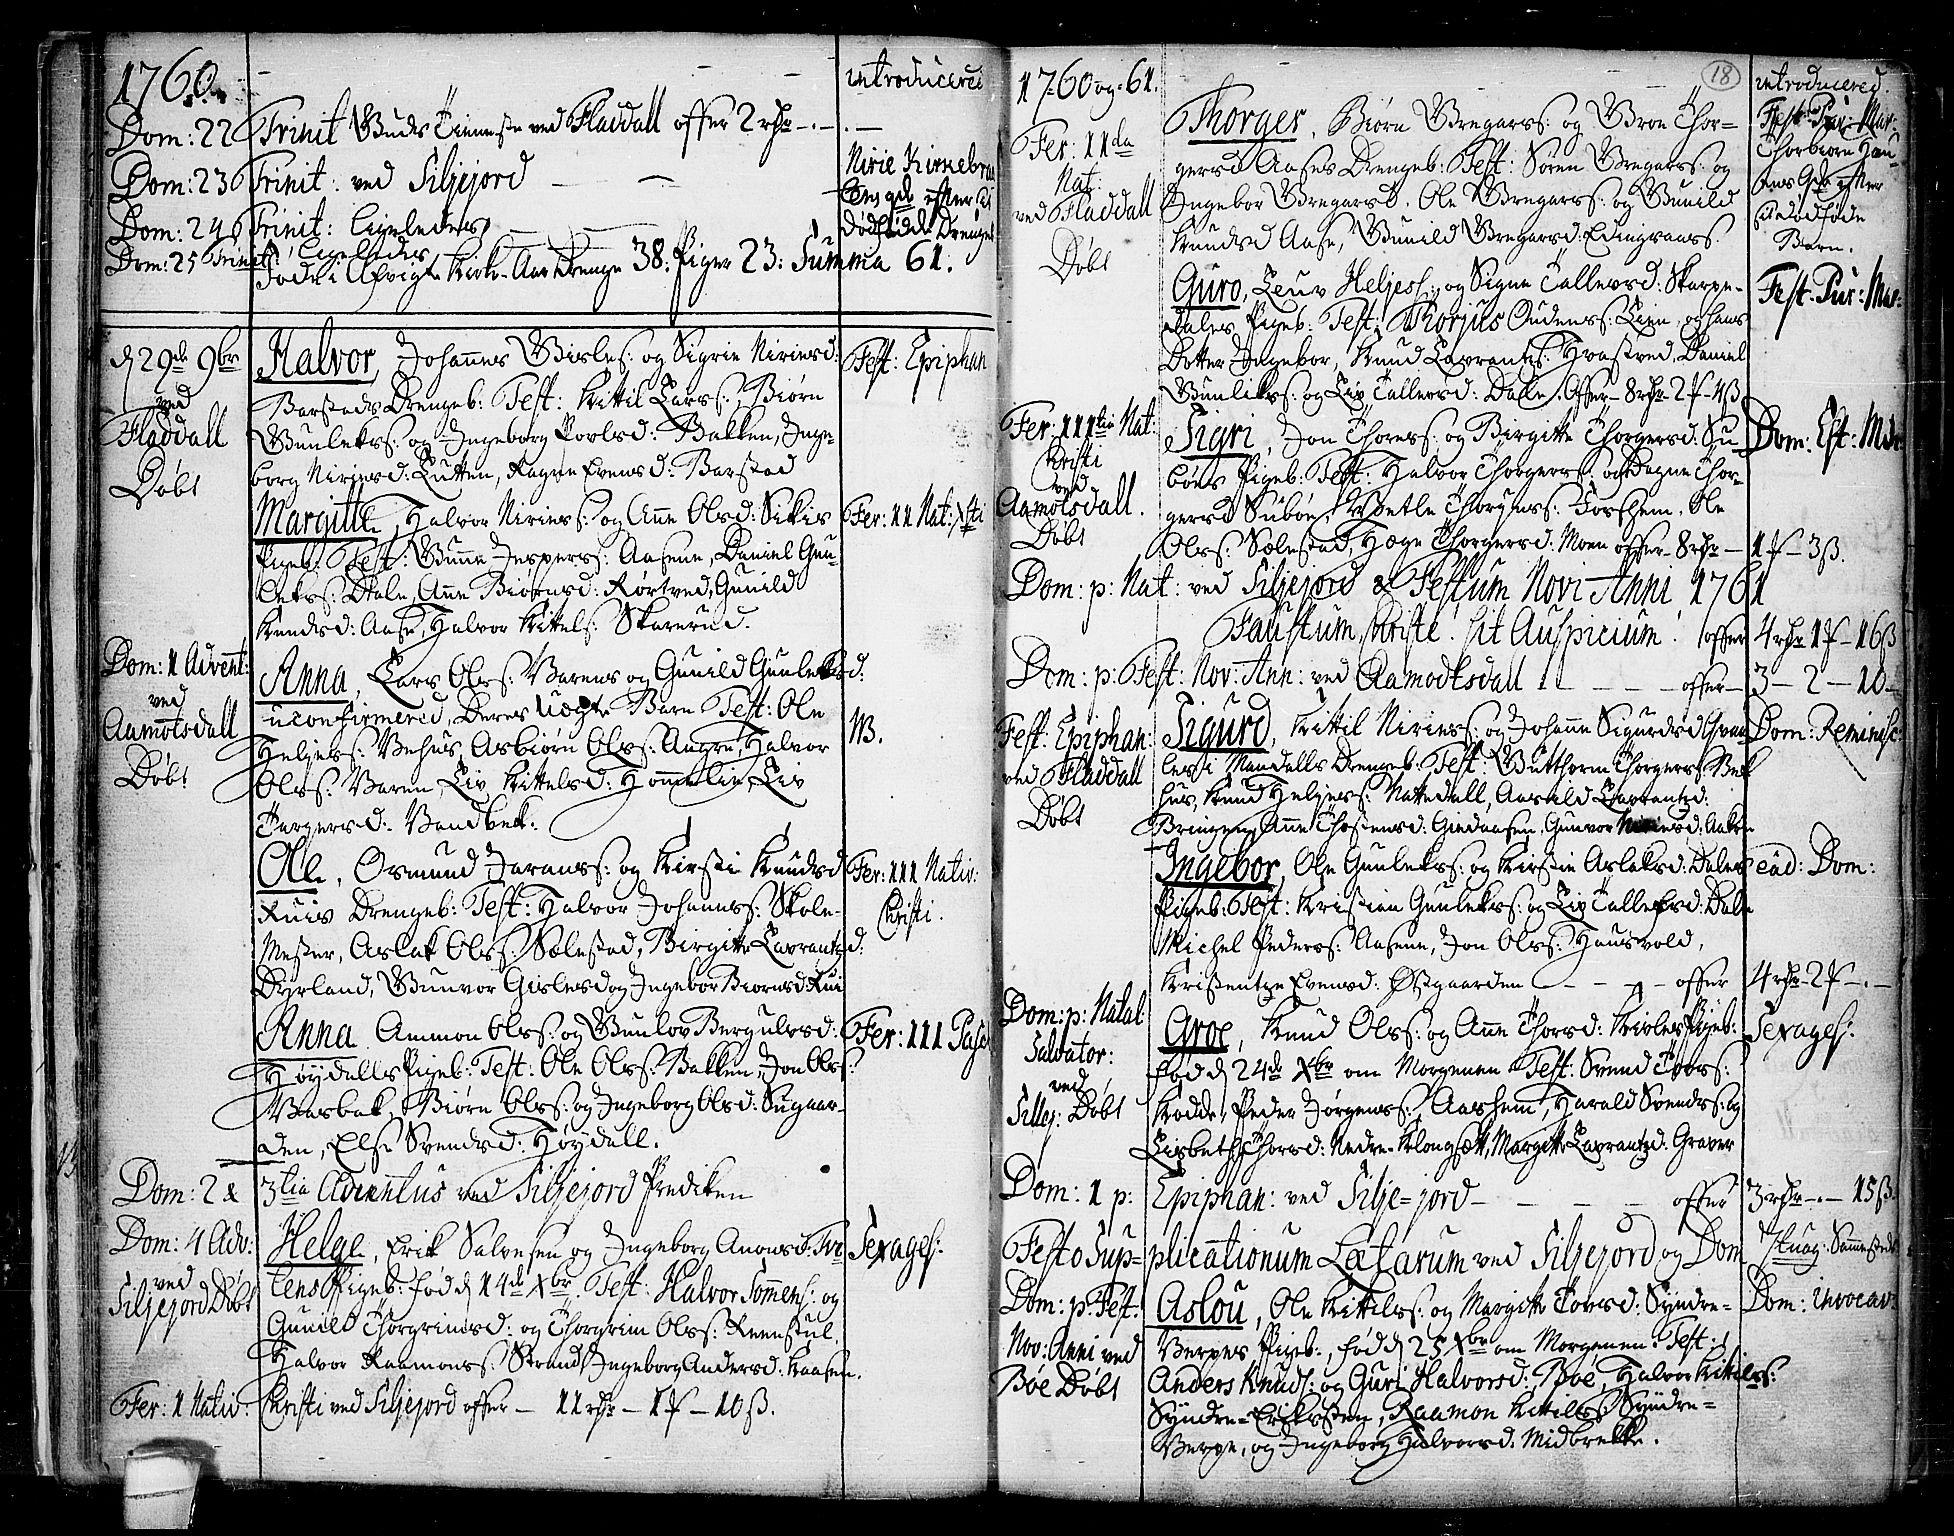 SAKO, Seljord kirkebøker, F/Fa/L0007: Ministerialbok nr. I 7, 1755-1800, s. 18